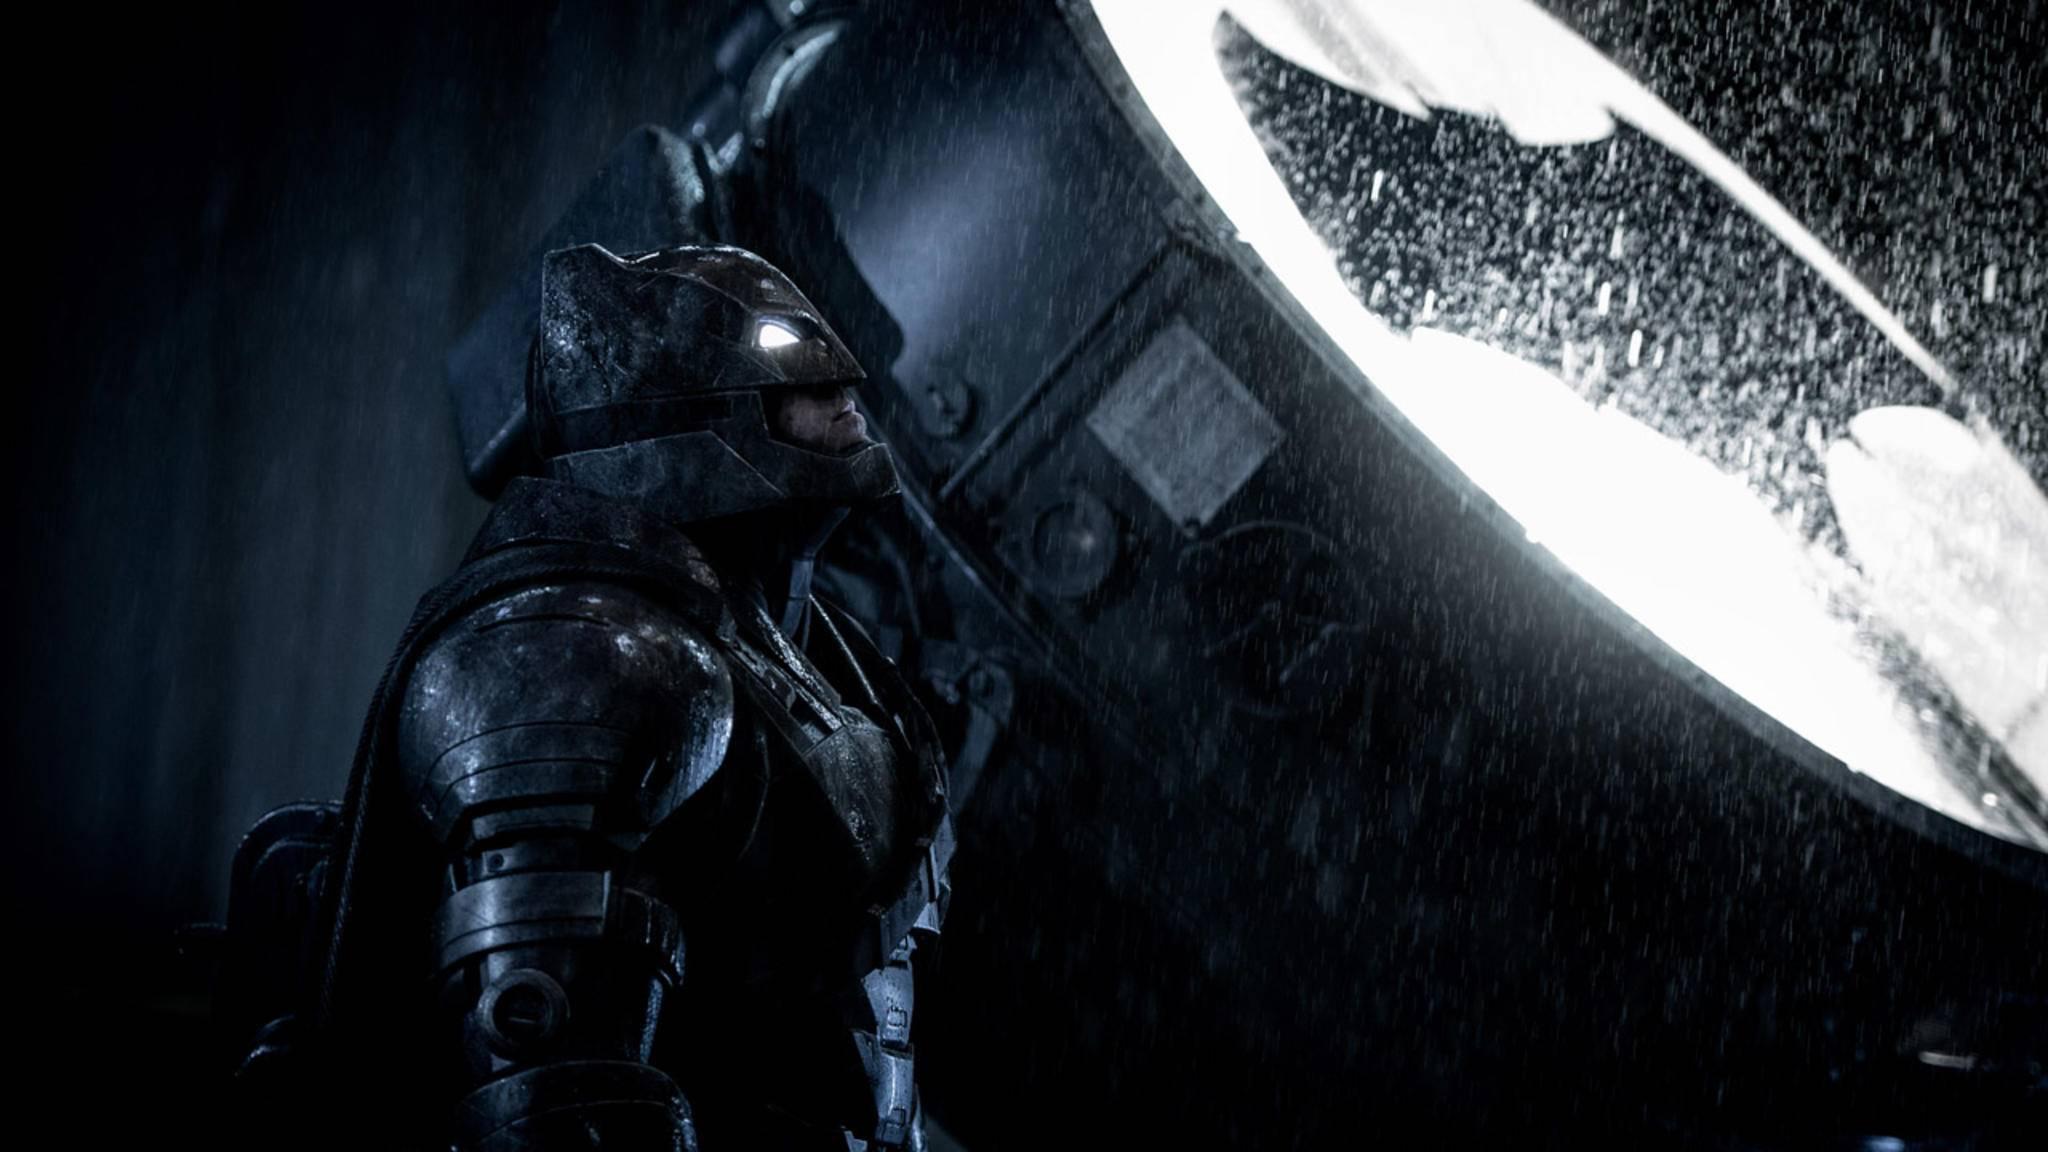 """Ja oder nein? Die Neuigkeiten zu Ben Afflecks """"The Batman"""" sind widersprüchlich."""